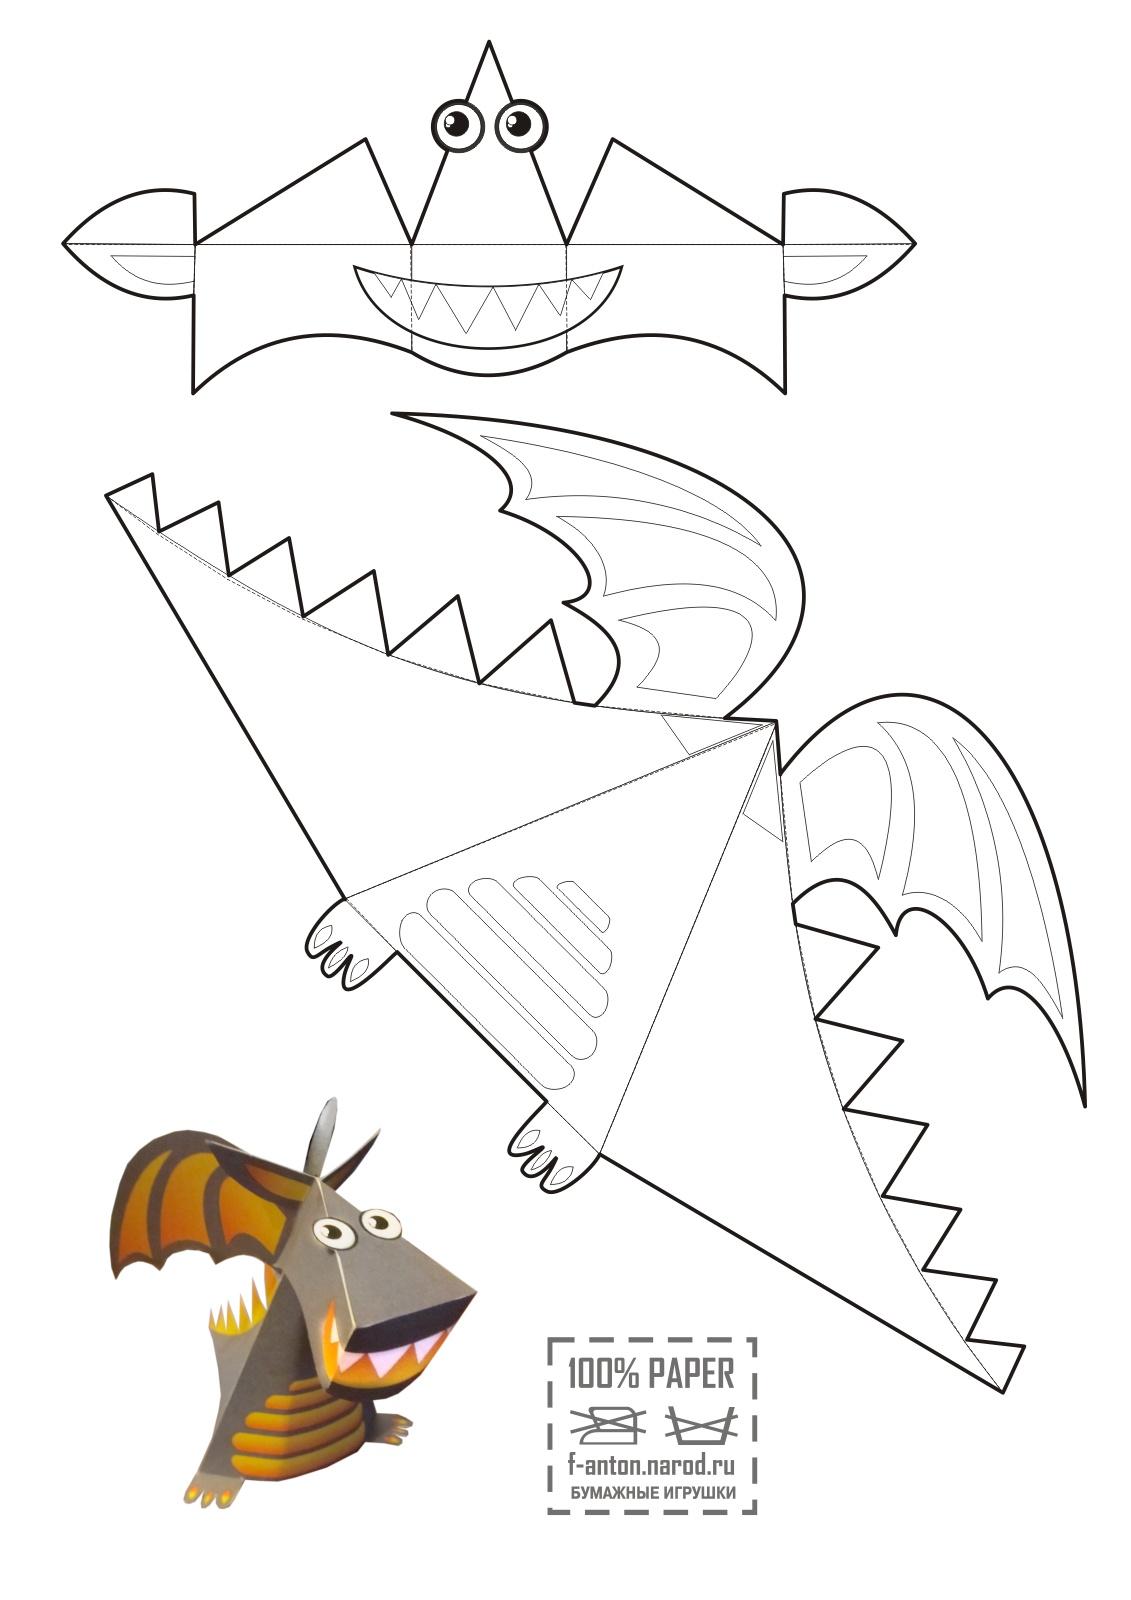 Бумажная игрушка дракон своими руками